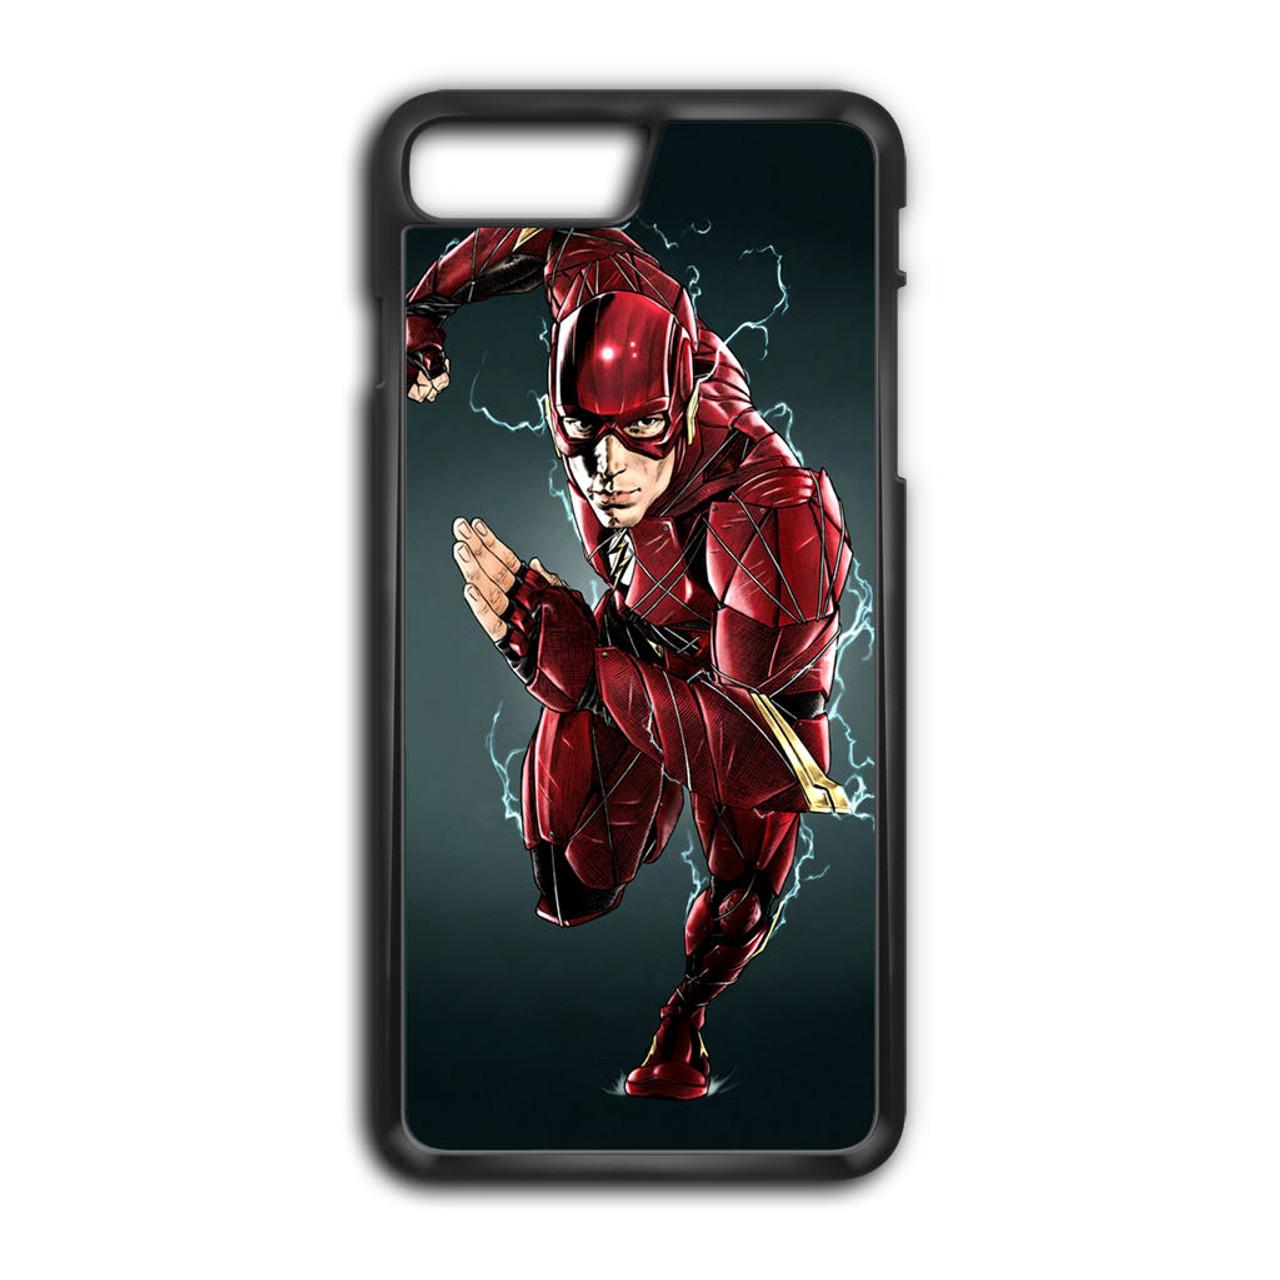 iphone 8 case flash